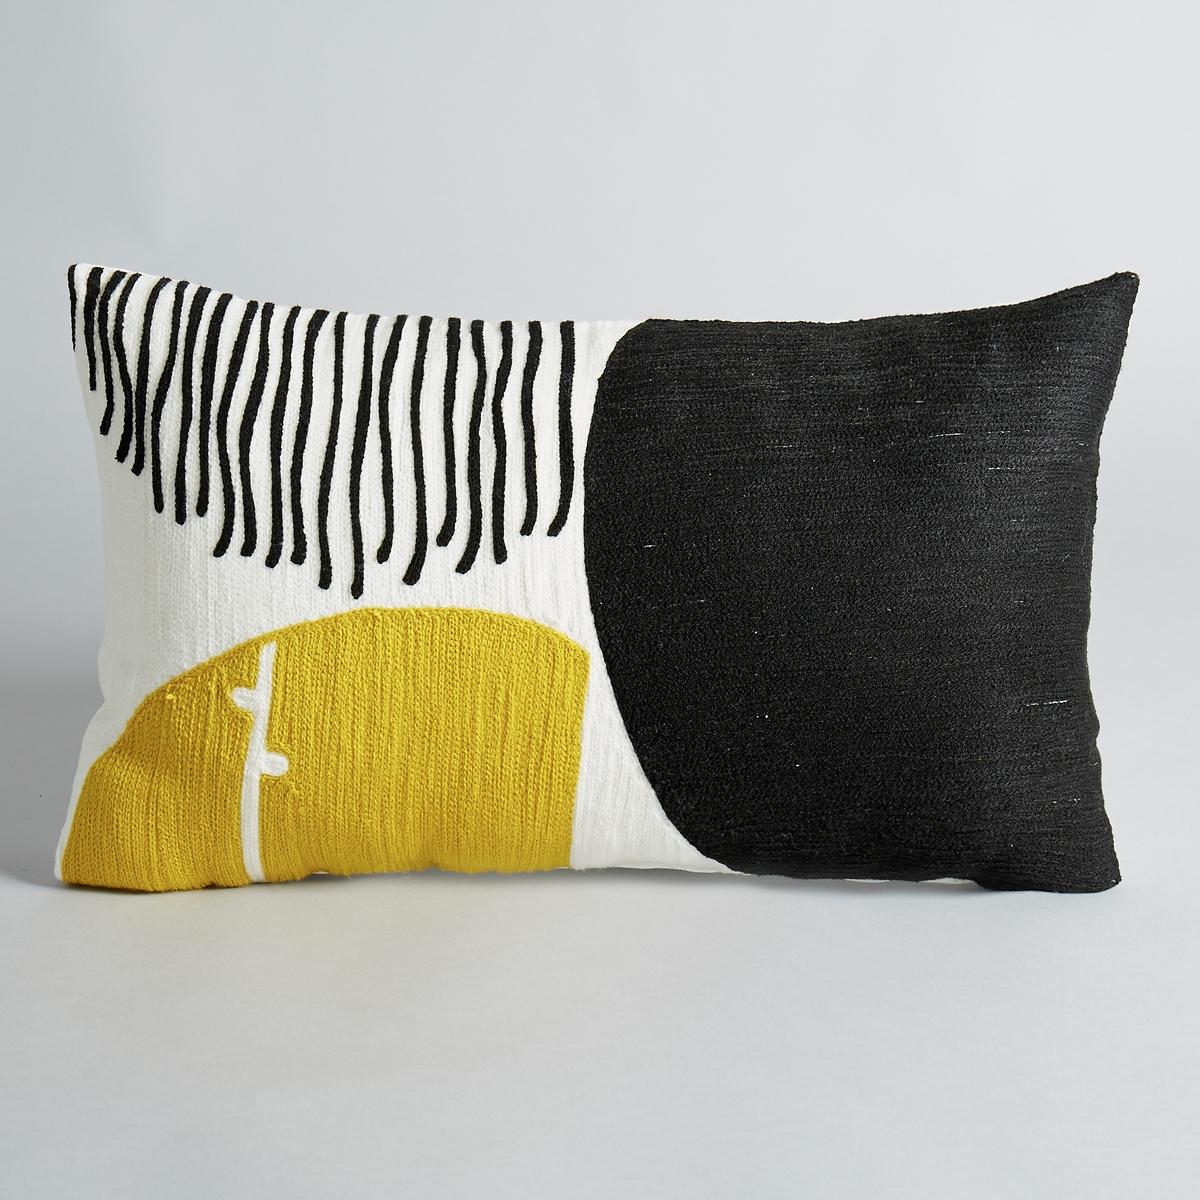 Чехол на подушку с вышивкой  Mihn?aРисунок в горох. С вышивкой по всей поверхности. 100 % хлопка.Рисунок в чёрно-жёлтый горох.Размеры:. 50 x 30 см.<br><br>Цвет: желтый/ черный